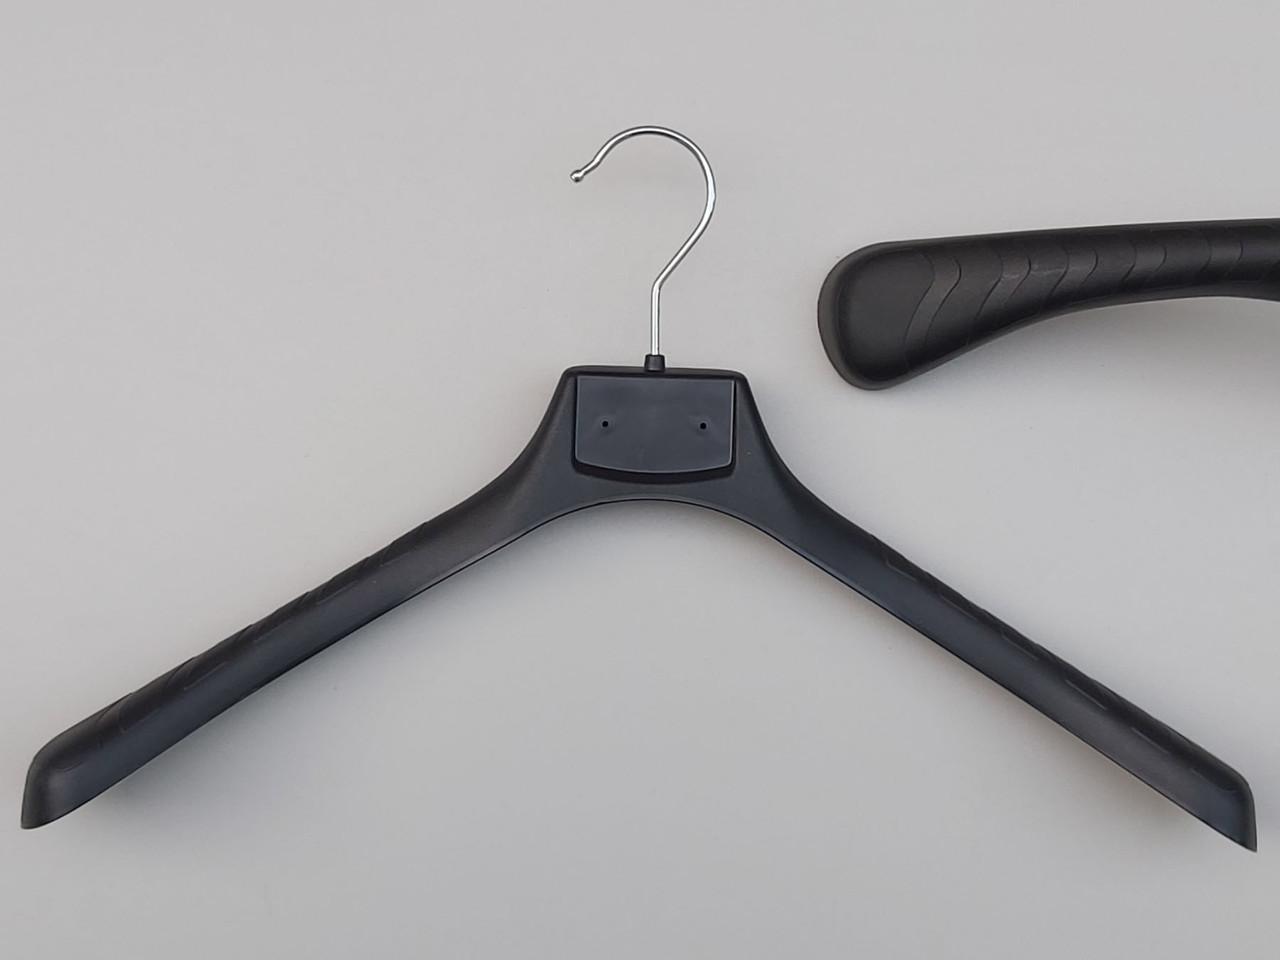 Длина 45,5 см. Плечики вешалки пластмассовые КХ-46 широкие черного цвета